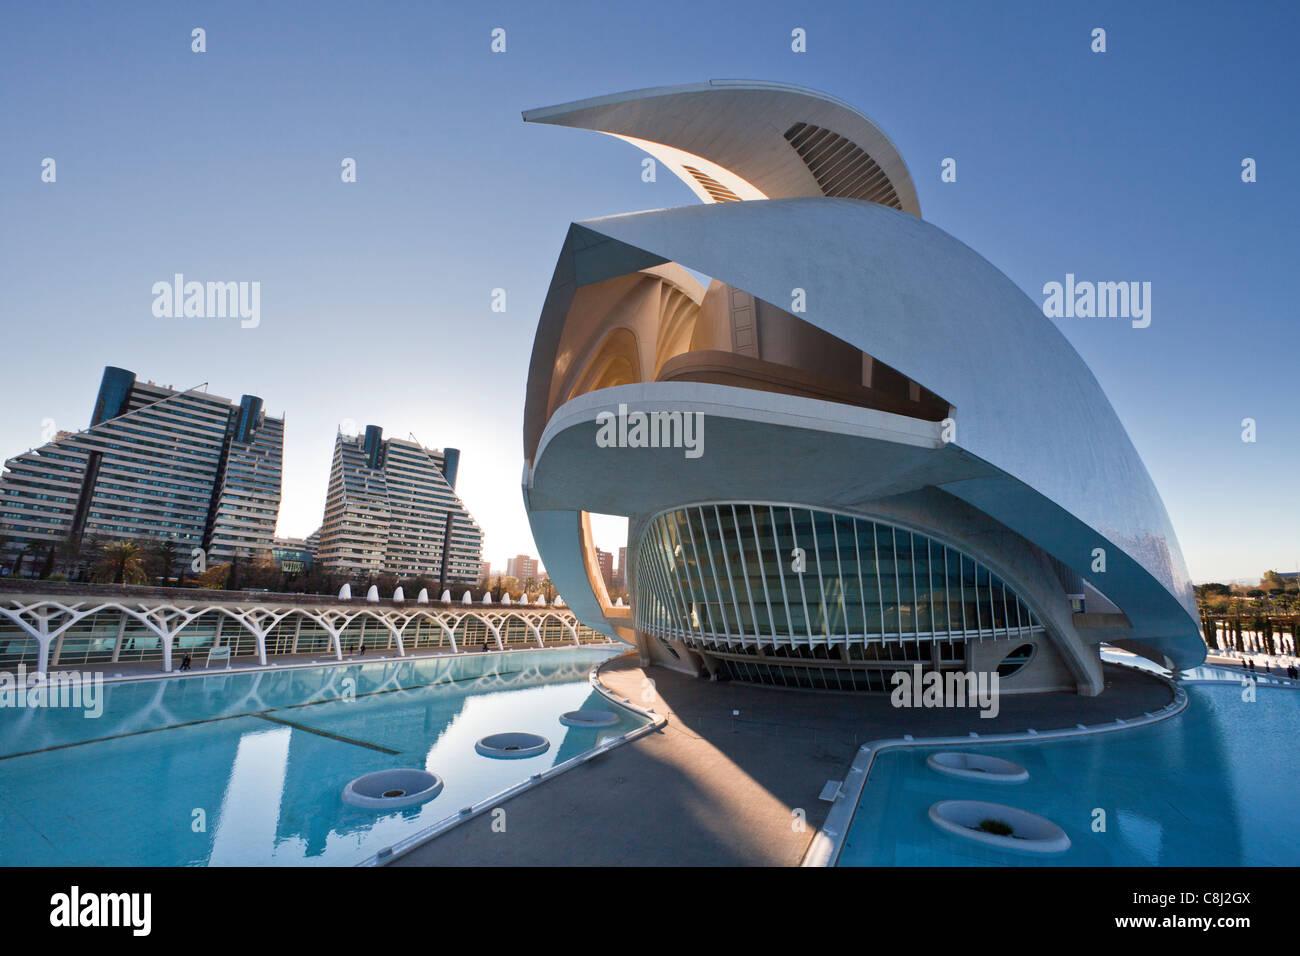 Spanien, Europa, Valencia, Stadt der Künste und Wissenschaften, Calatrava, Architektur, modern, Palast der Stockbild